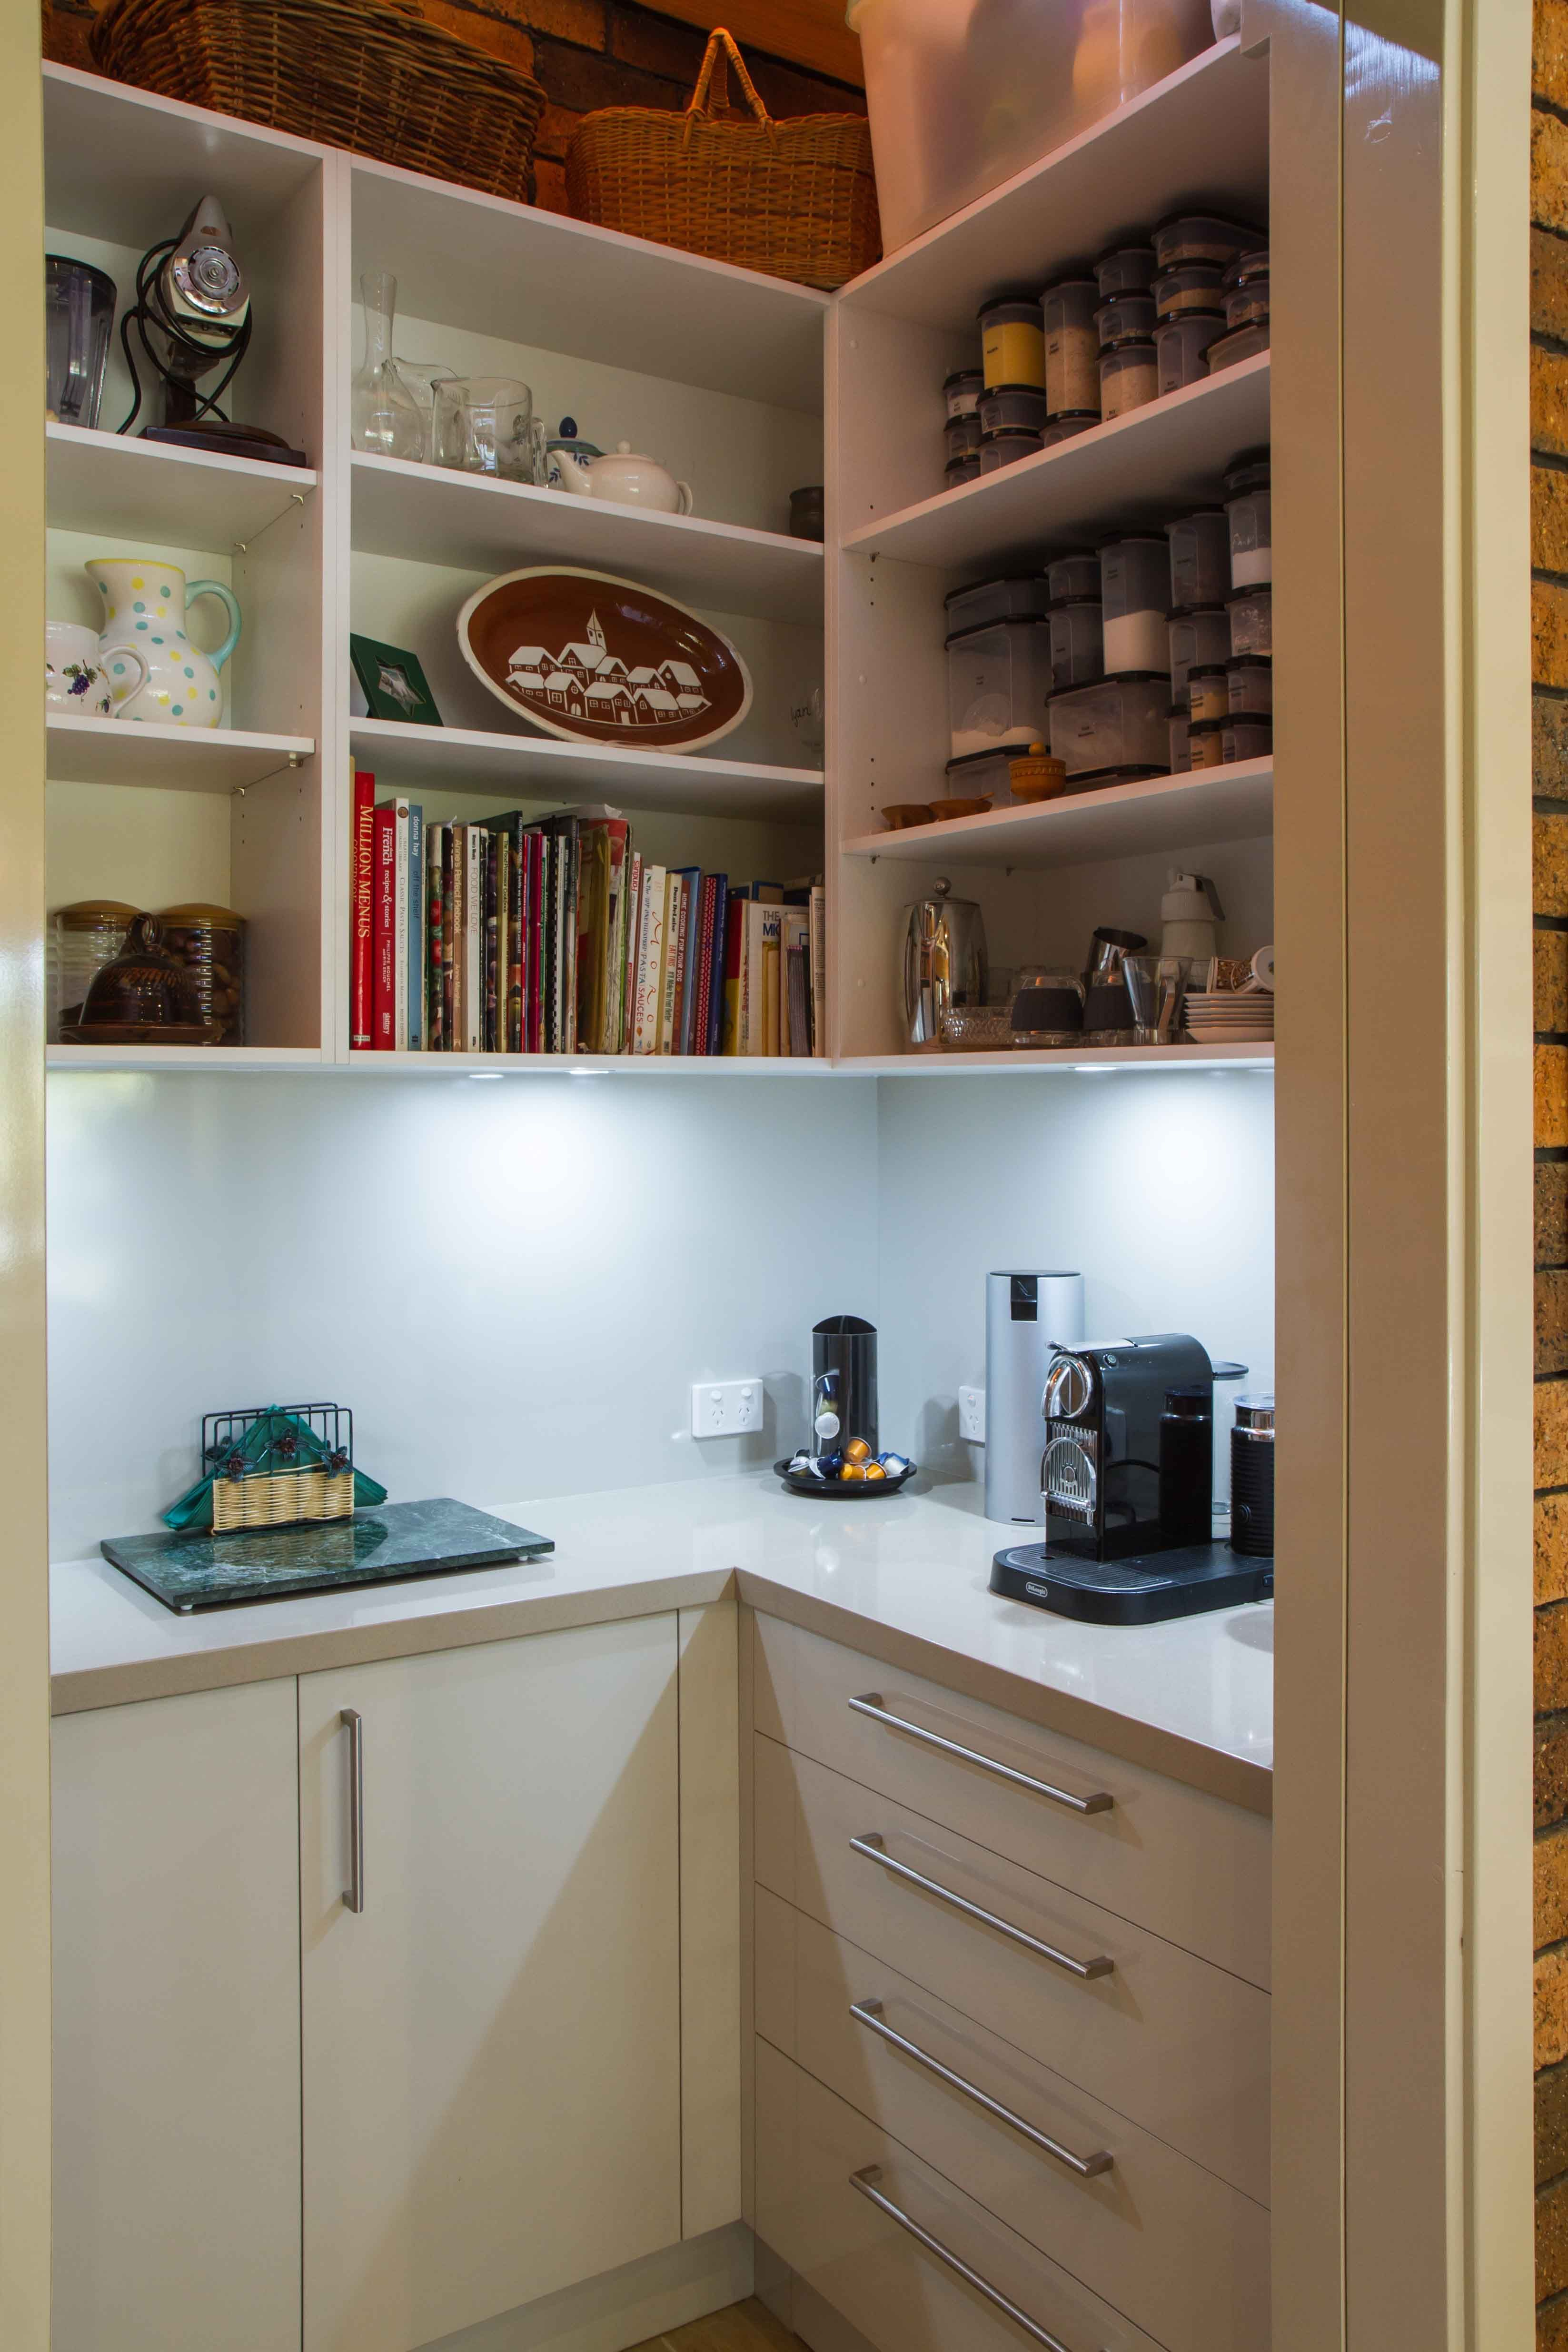 Pin von The Kitchen Design Centre auf Templestowe Mid-century ...